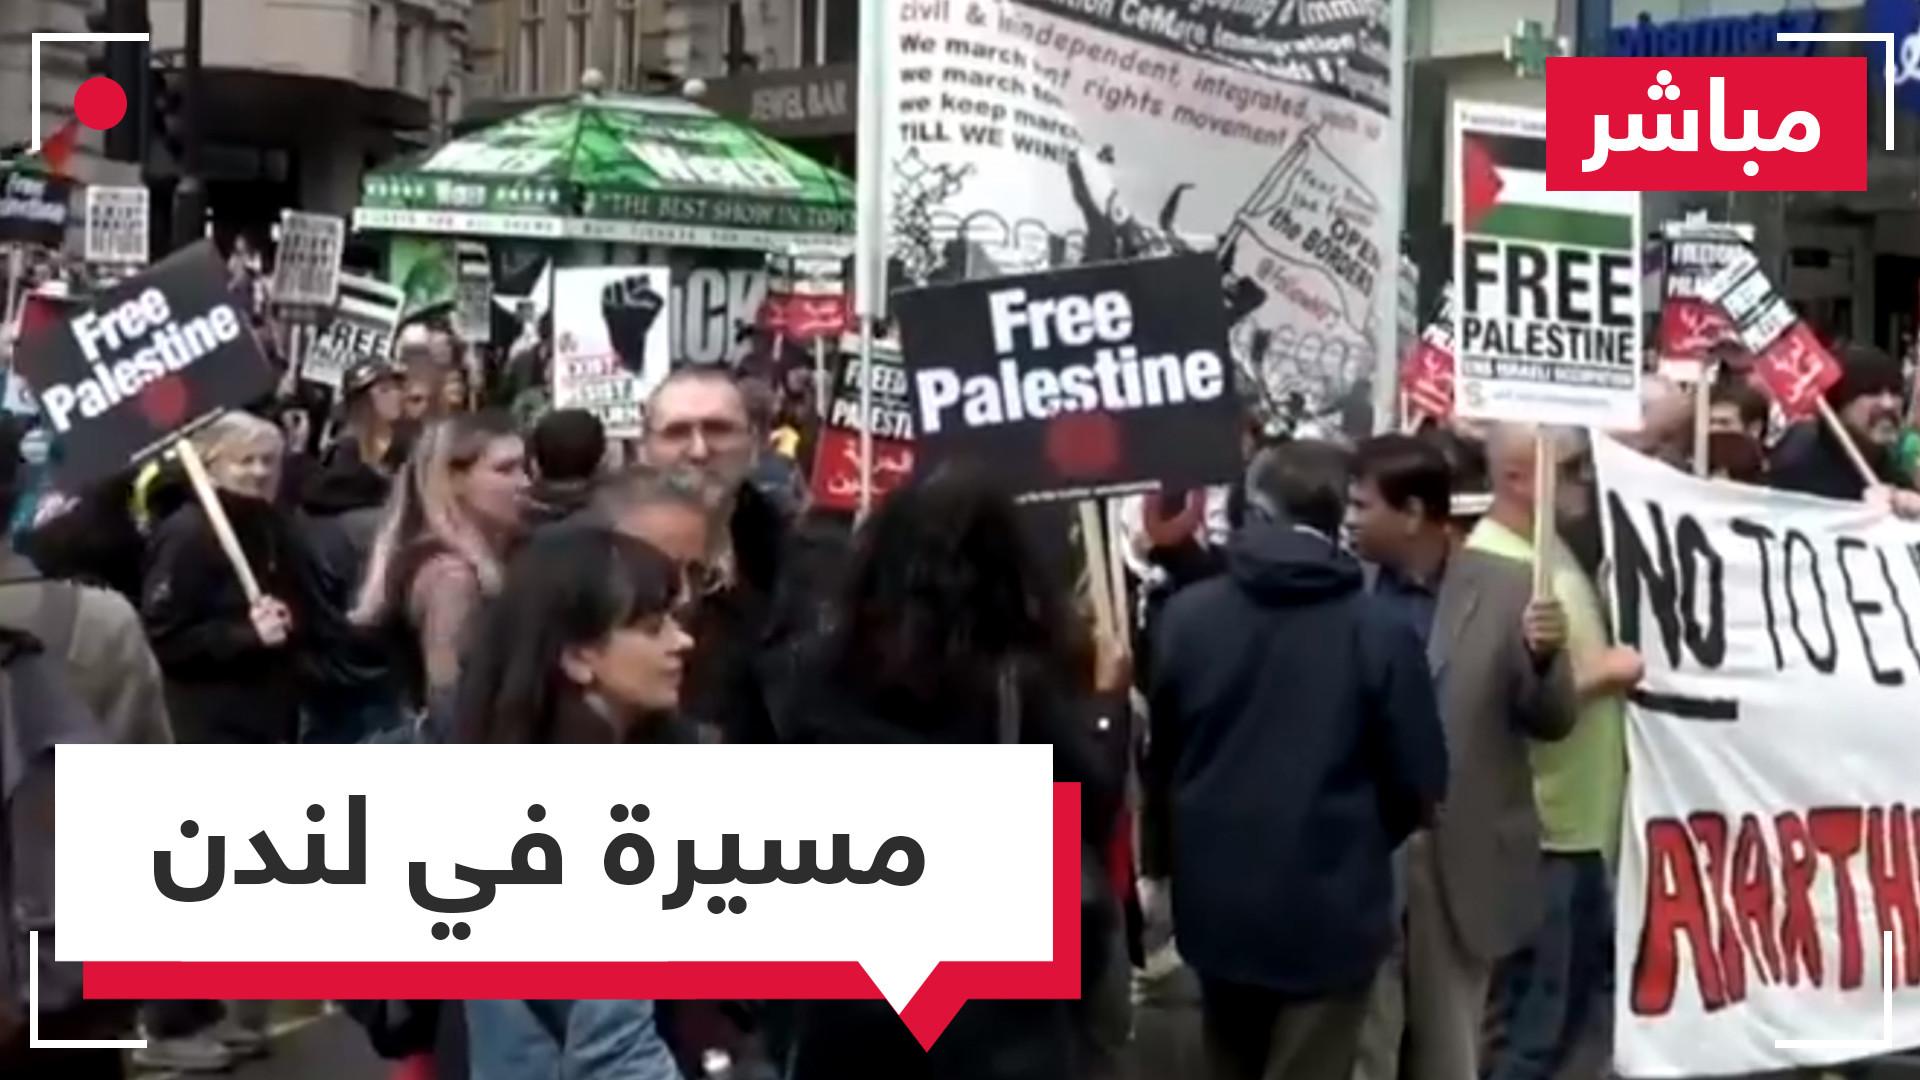 مباشر..مسيرة في لندن دعما لفلسطين ضد التصعيد الإسرائيلي